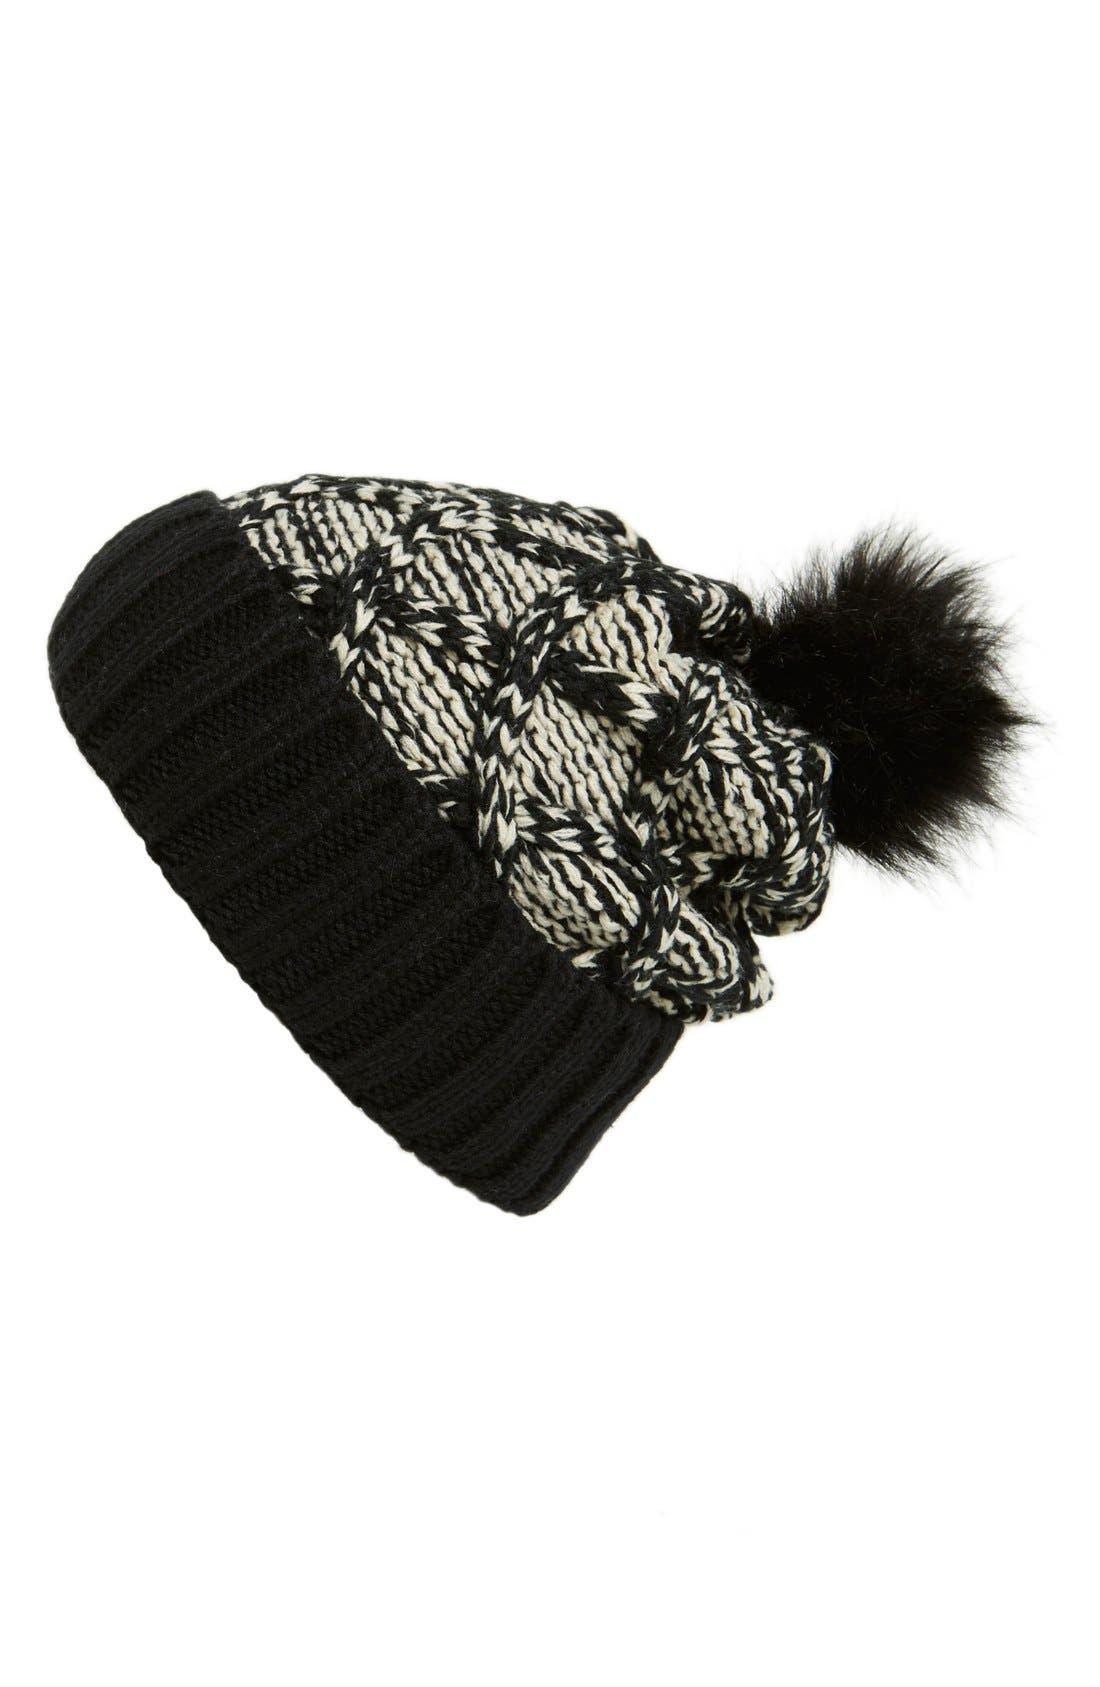 Alternate Image 1 Selected - Evelyn K Knit Hat